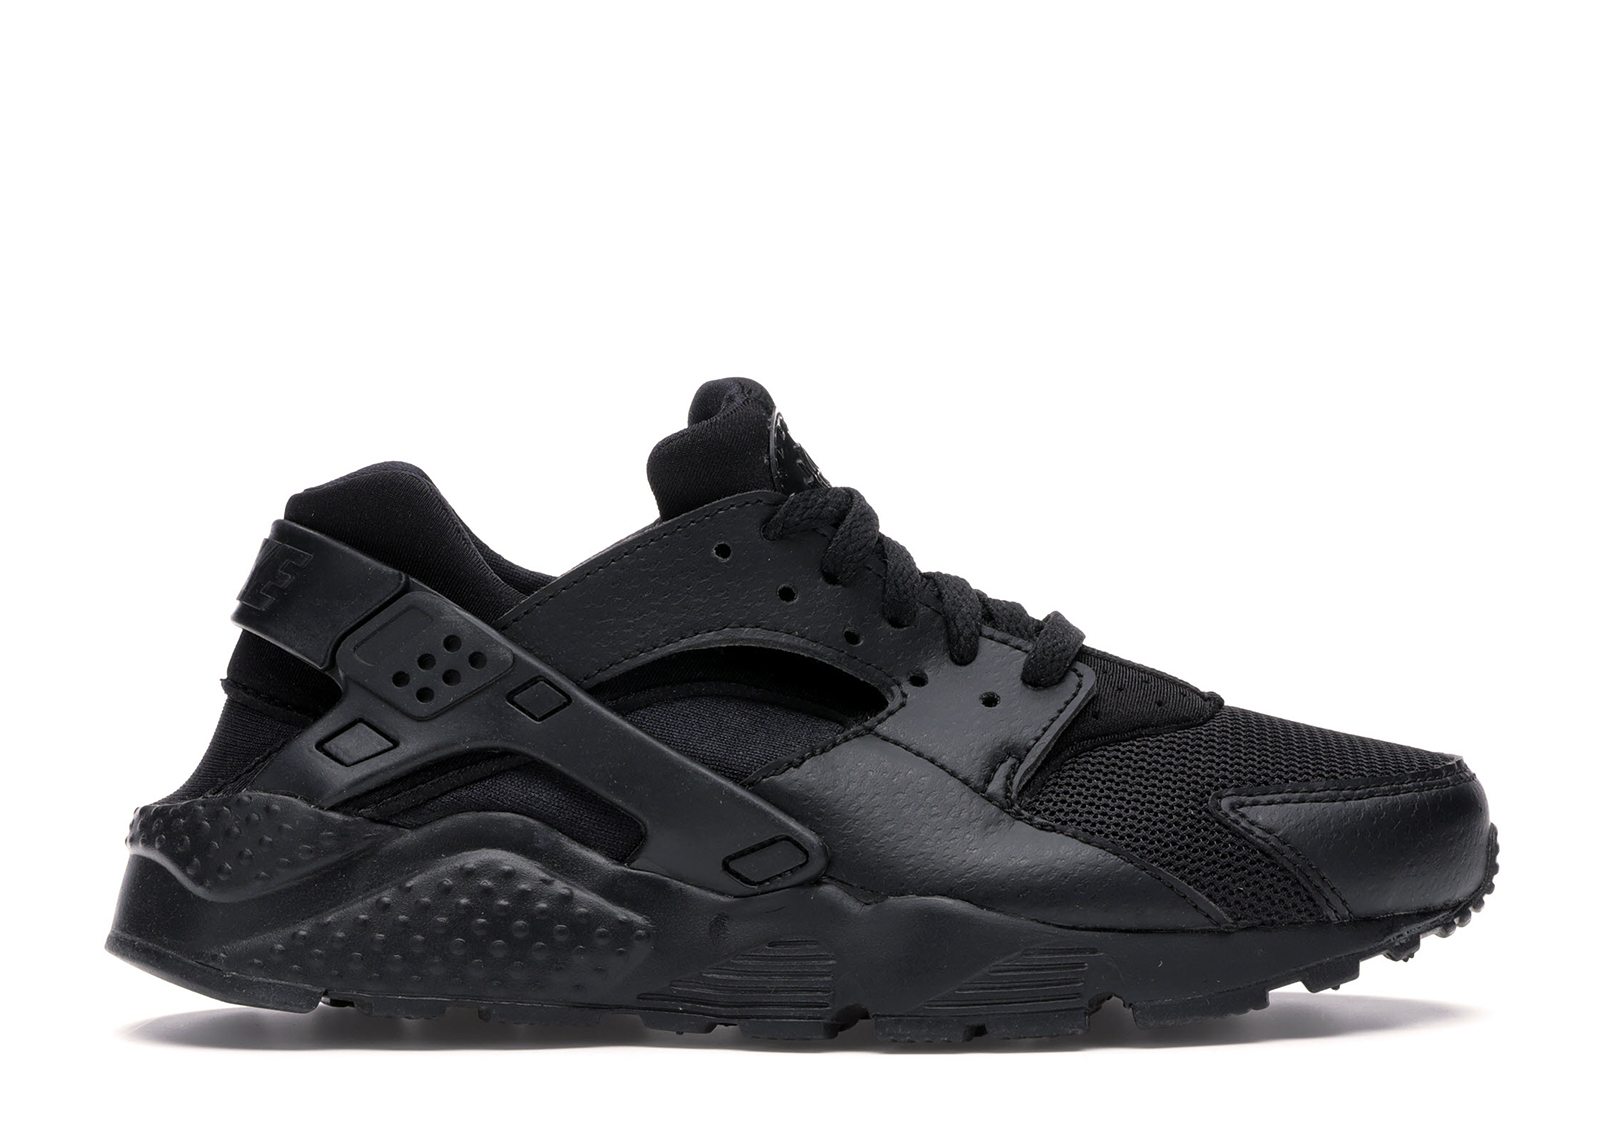 Nike Air Huarache Run Triple Black 2019 (GS)